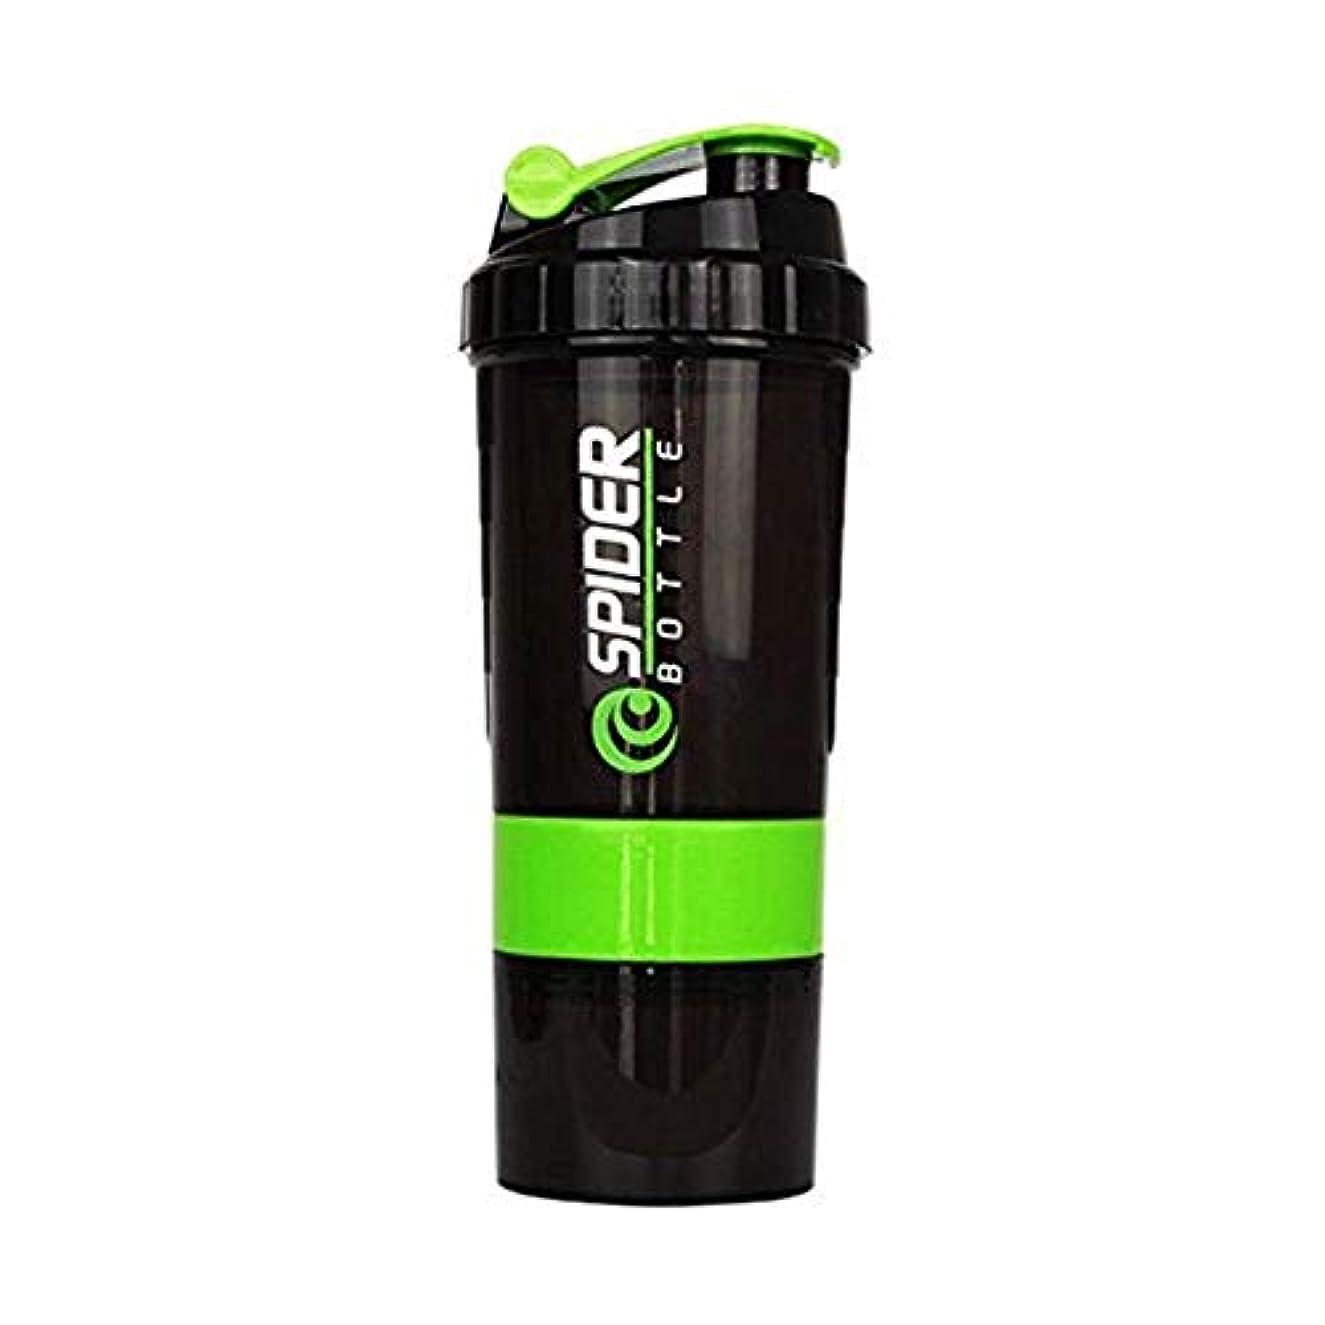 医学一晩憂慮すべきプロテインシェイカー シェーカーボトル フィットネス用 グリーン 500ml